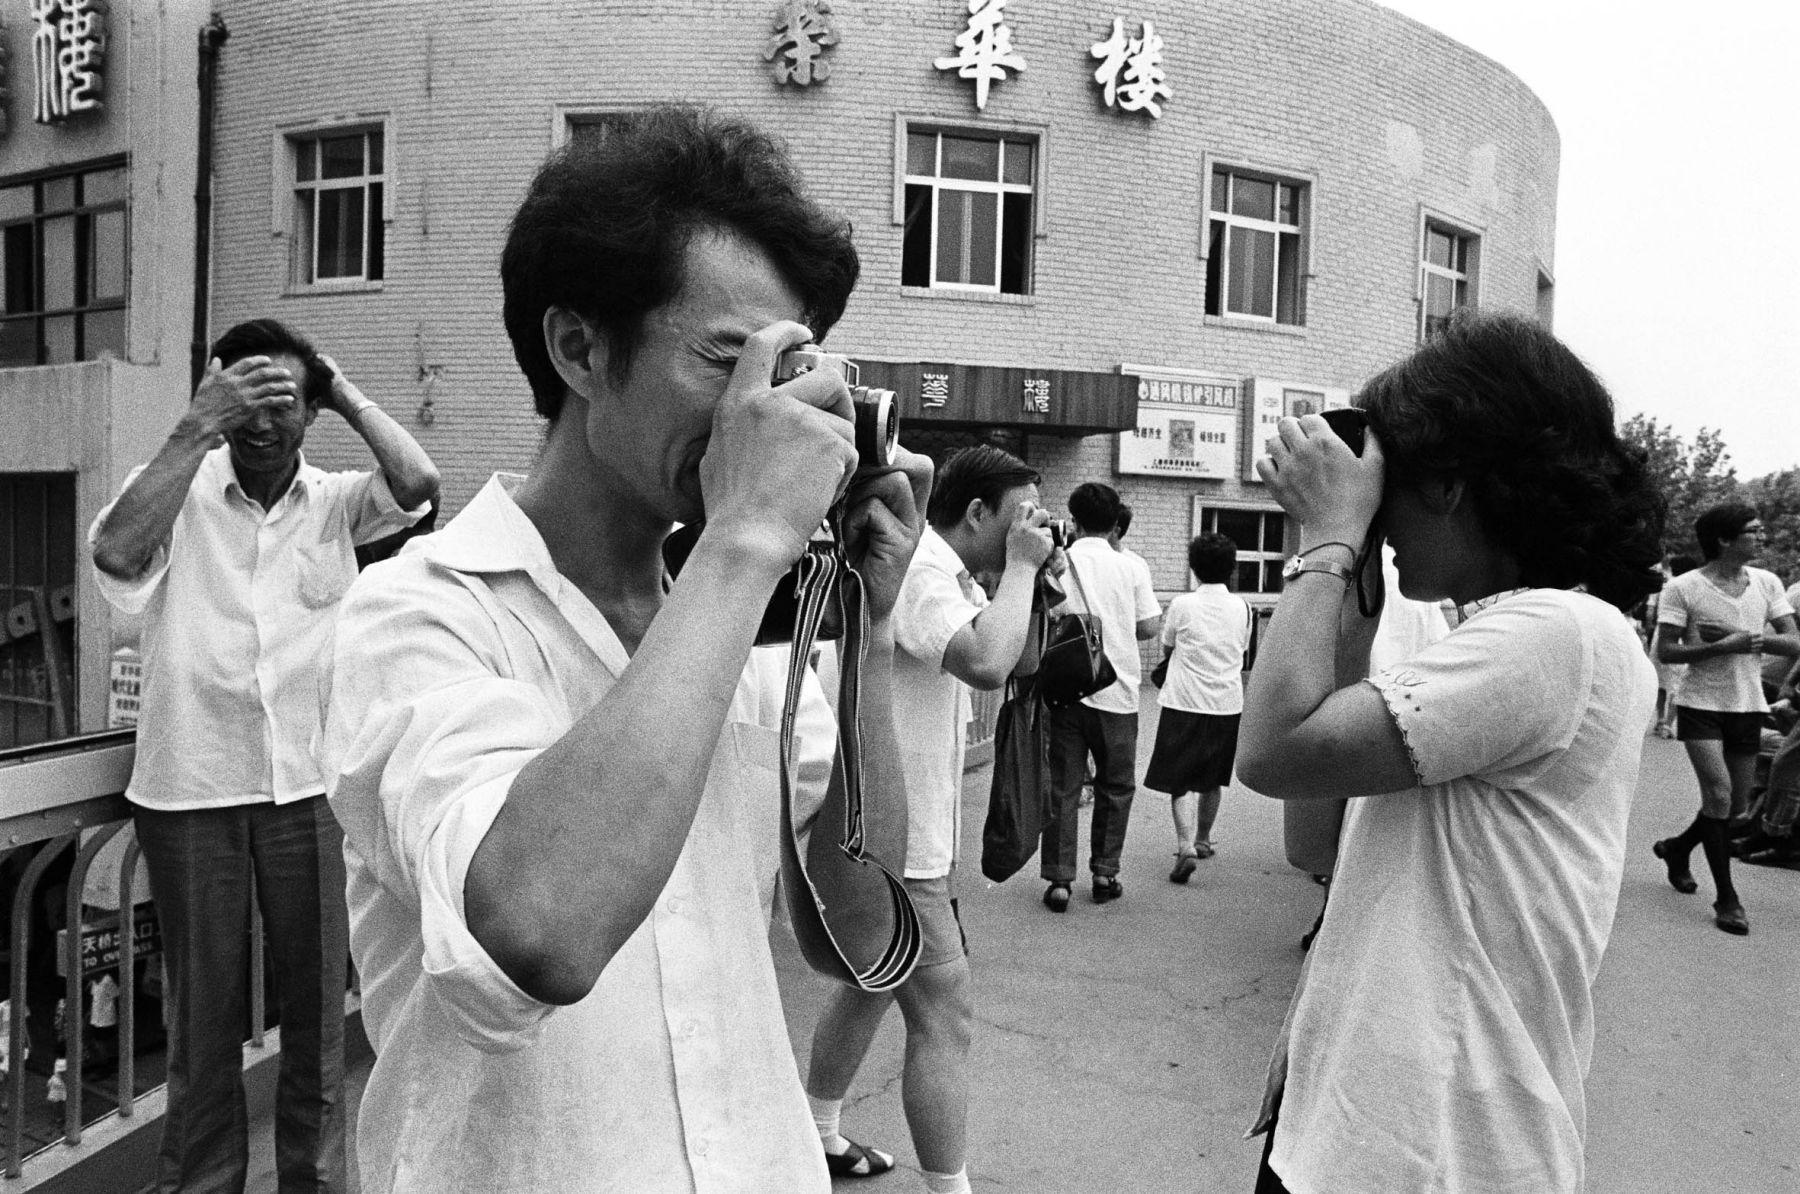 1shanghai_1987_film_88_p21_copy